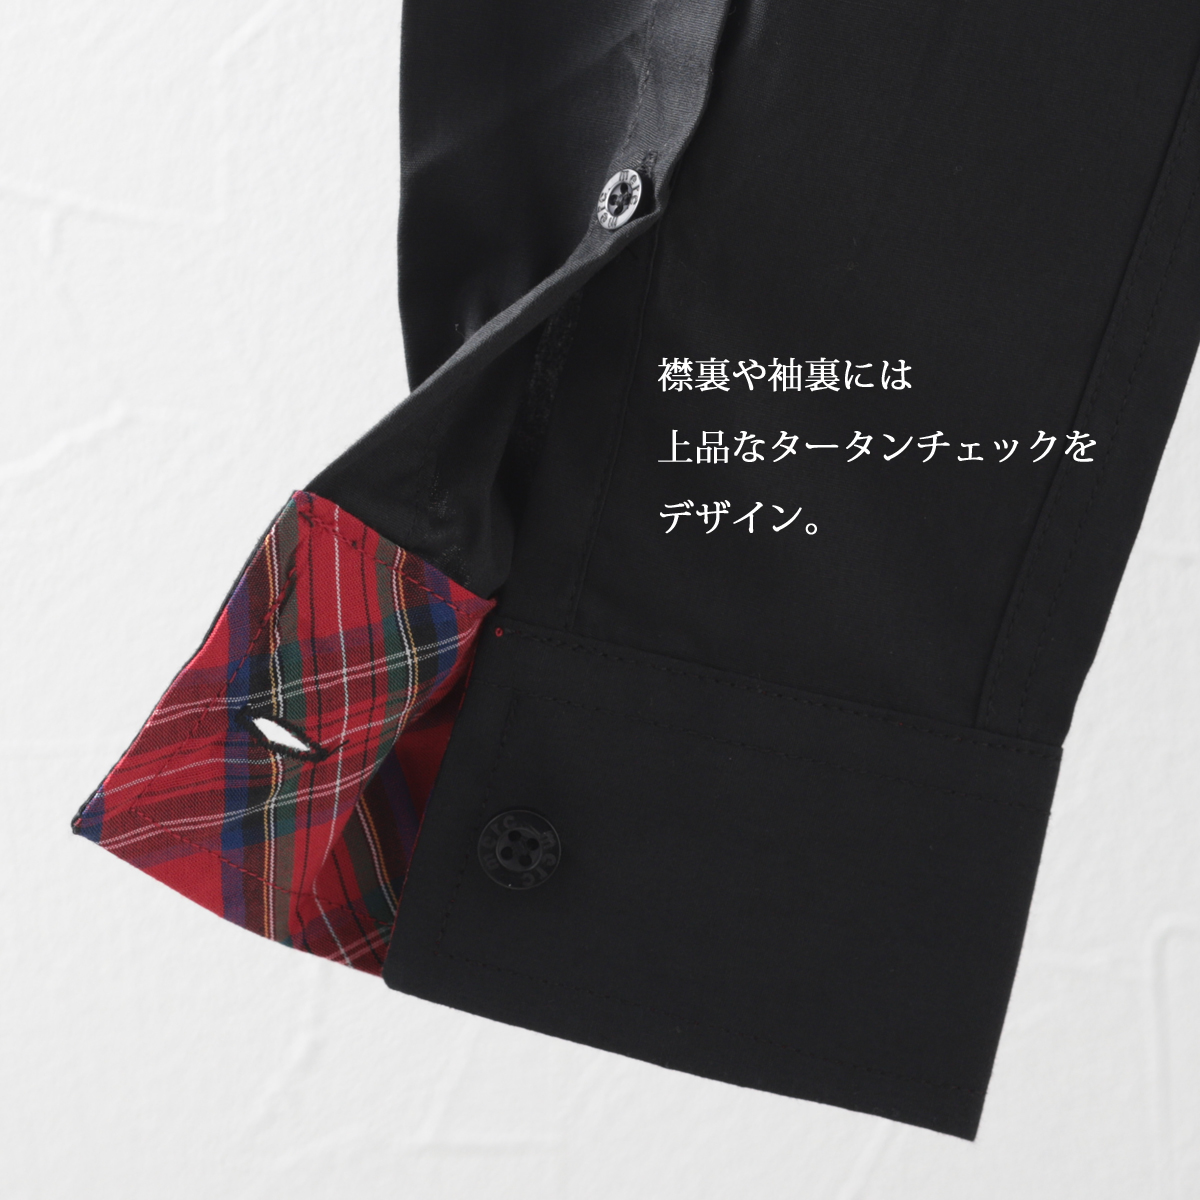 長袖シャツ ボタンダウン タータンチェックトリム ブラック ホワイト 2色 モッズファッション メンズ Merc London メルクロンドン